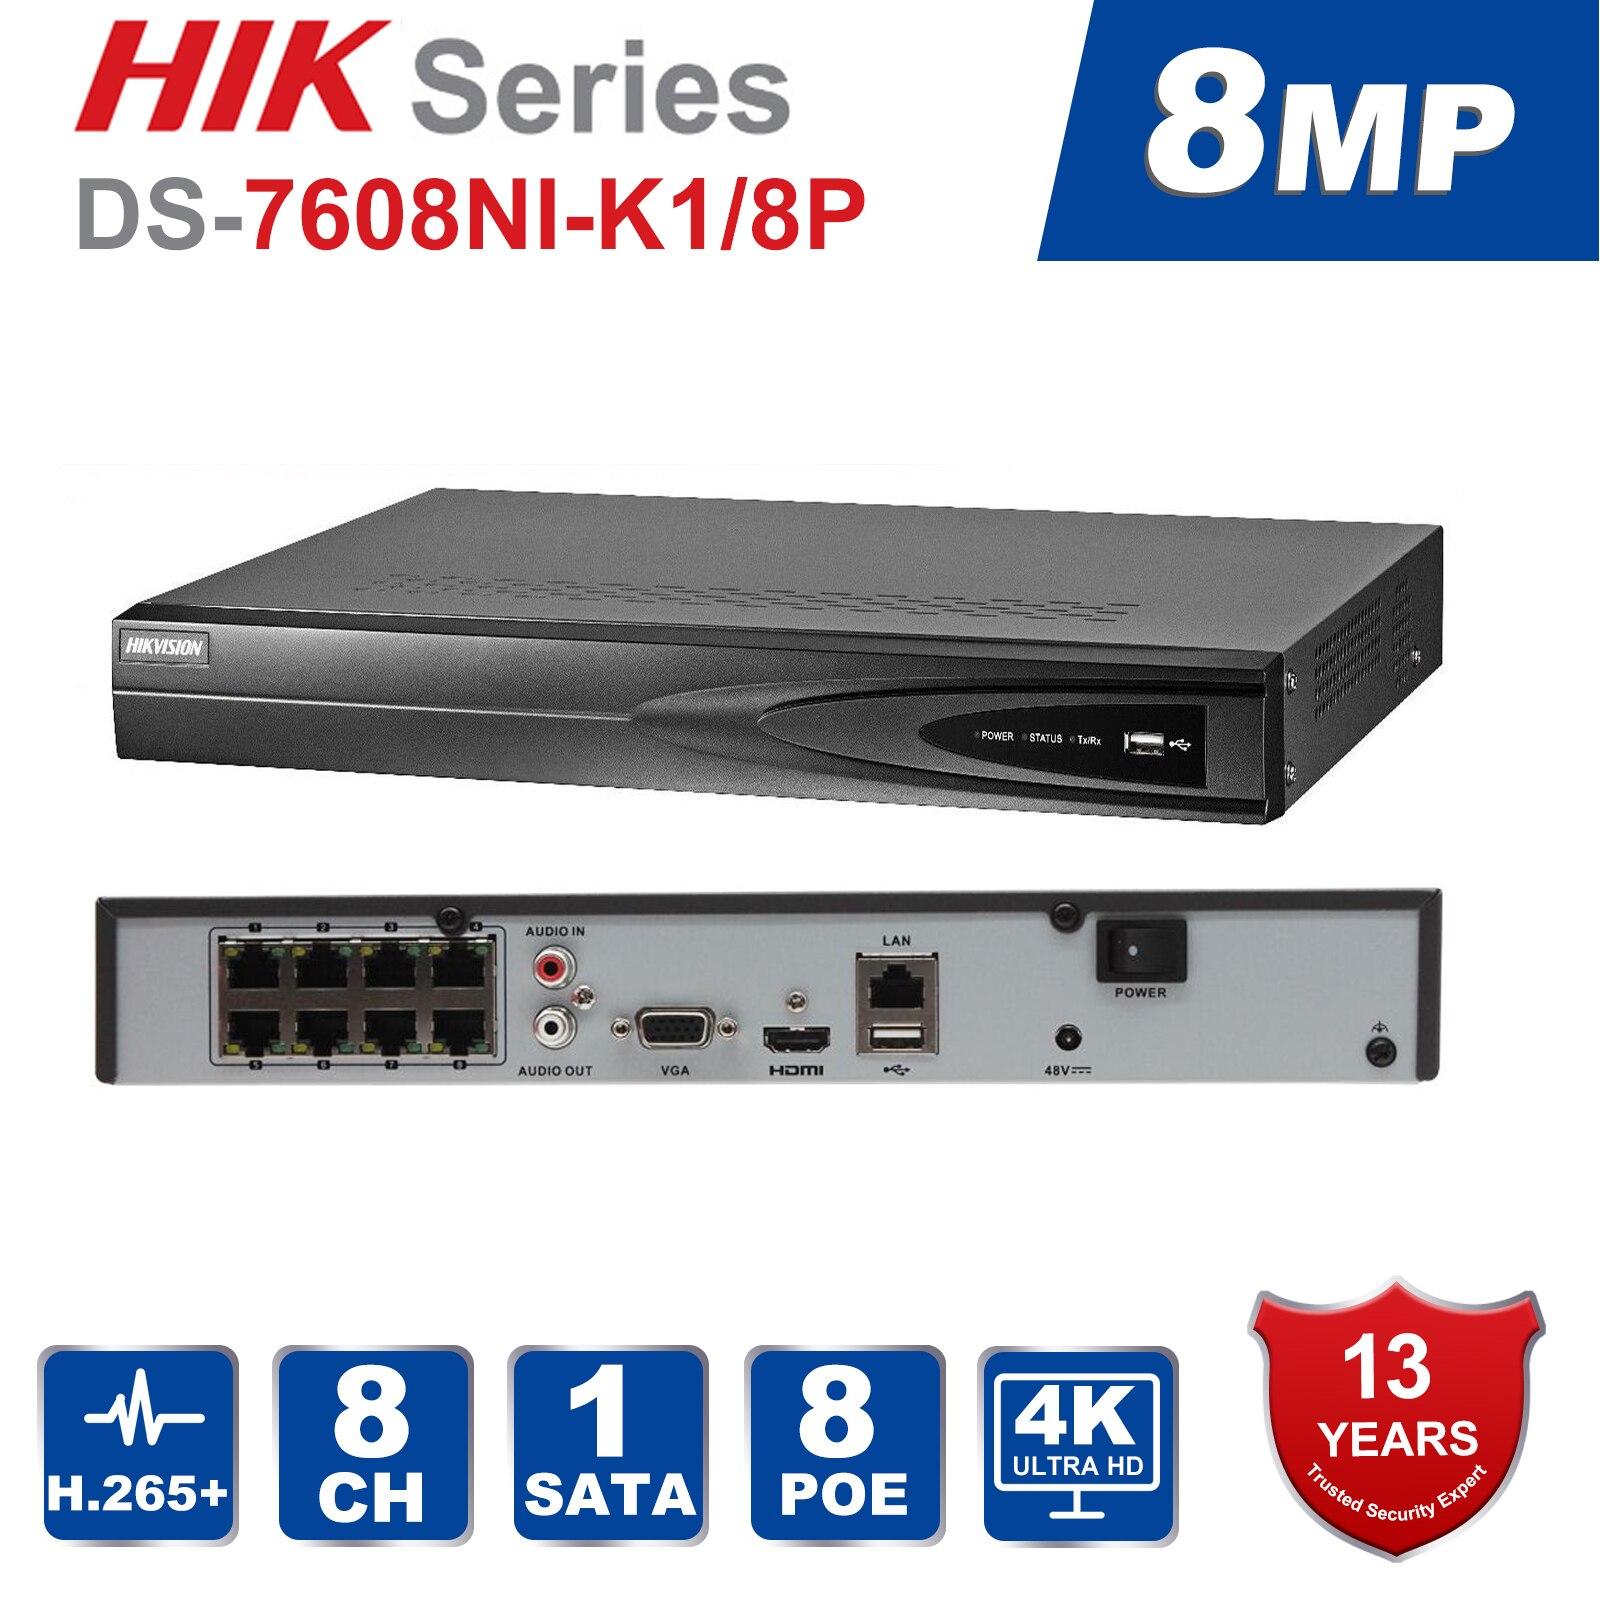 Hik 8ch CCTV Enregistreur PoE NVR DS-7608NI-K1/8 P 8 Canaux Intégré Plug & Play 4 K Réseau enregistreur vidéo avec 8 PoE Port H.265